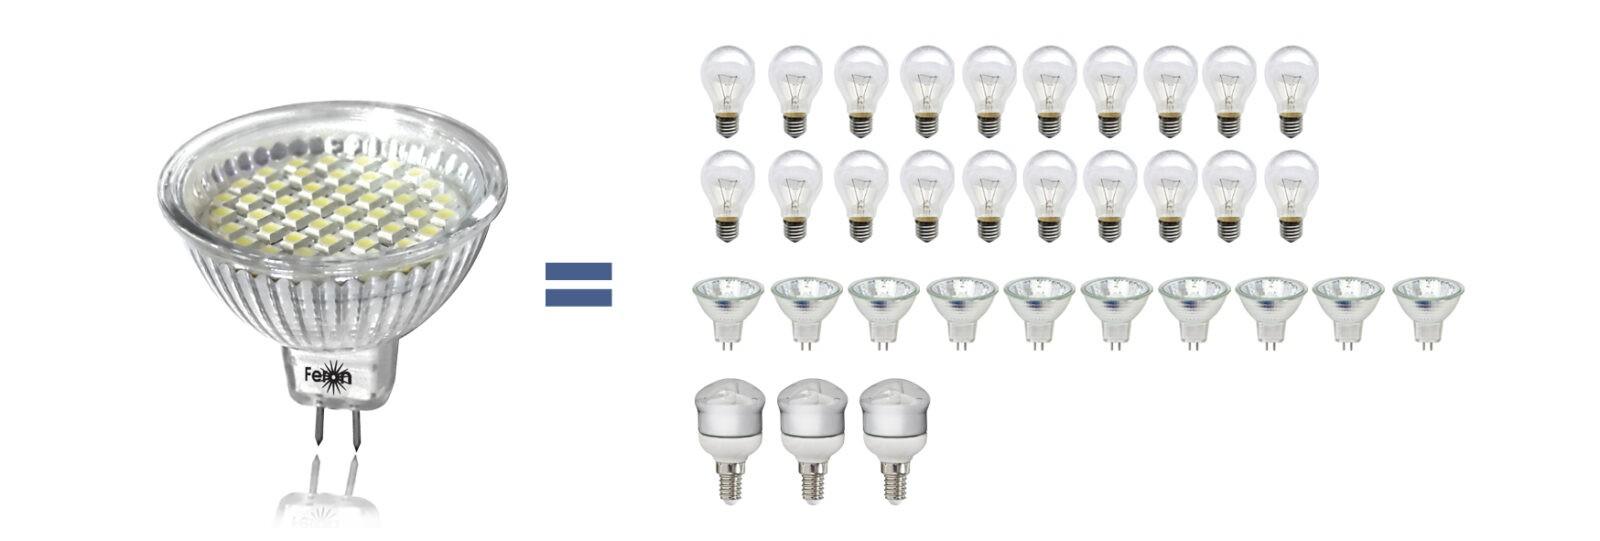 Почему «Узбекэнерго» за светодиодные лампы?